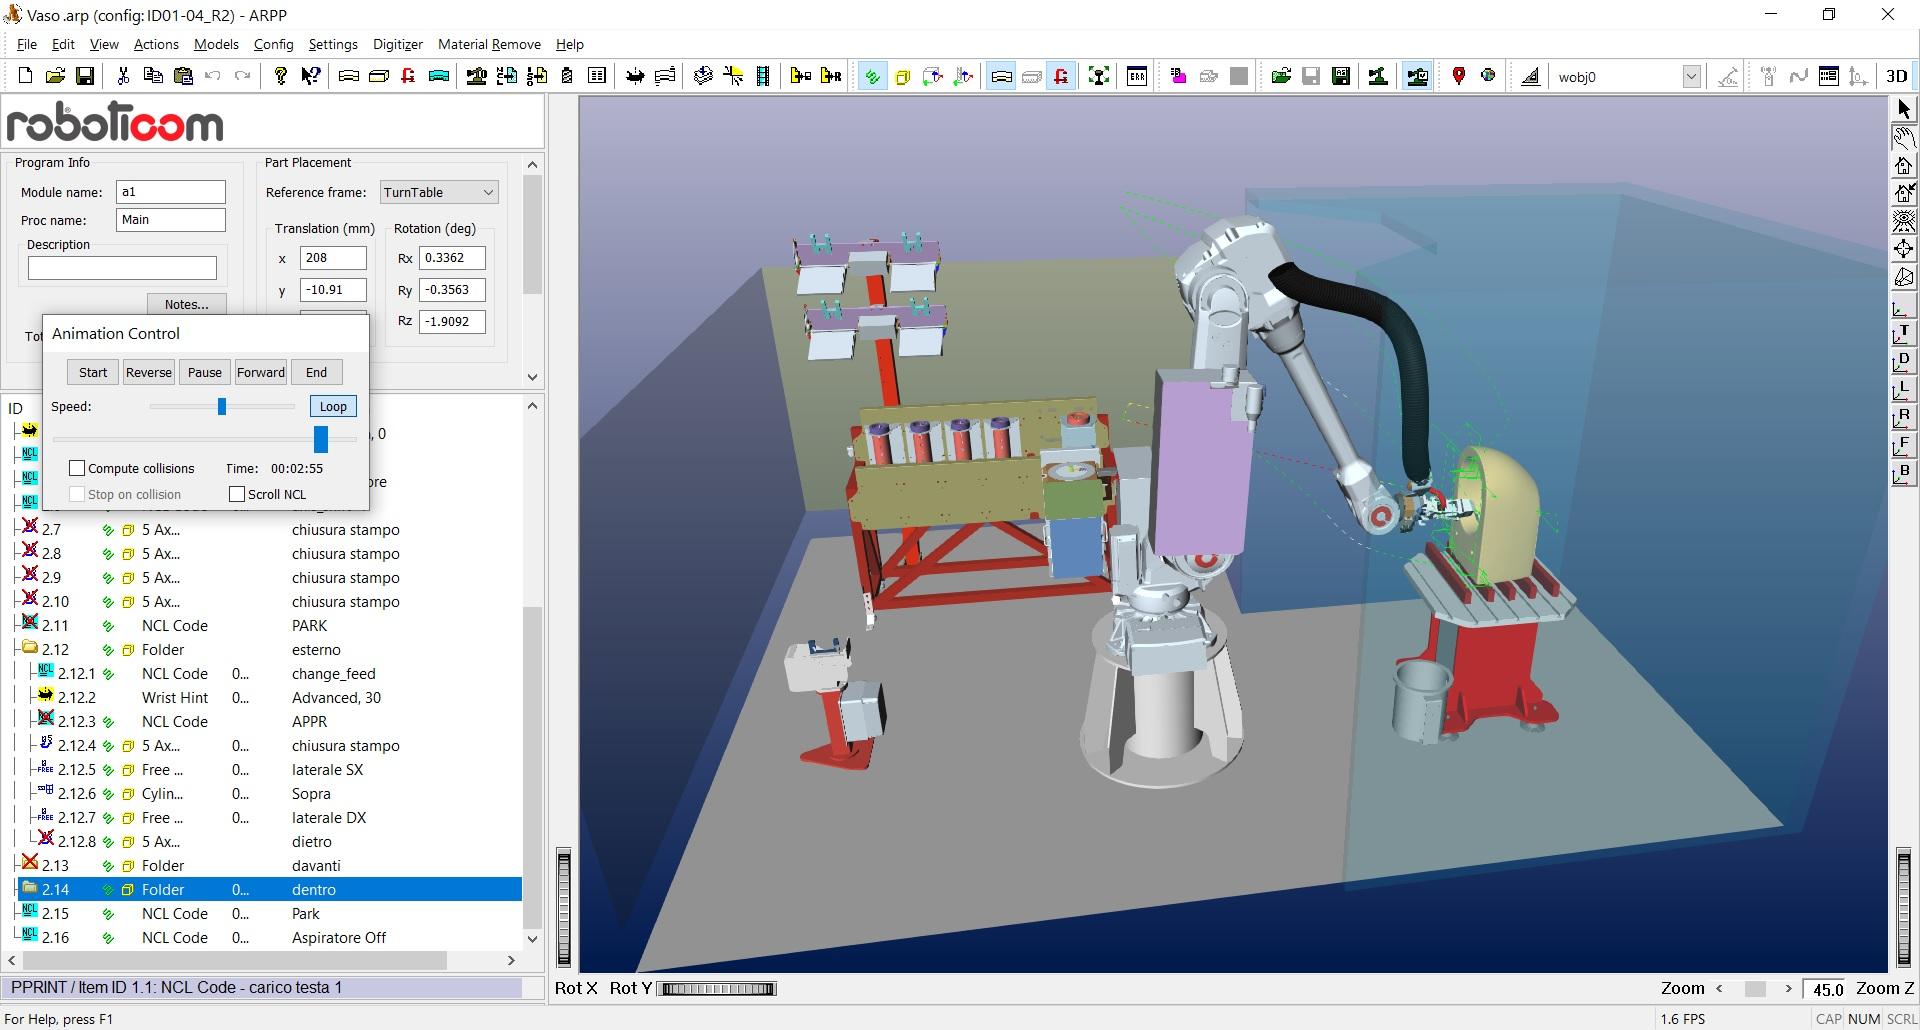 roboticom-software-arpp